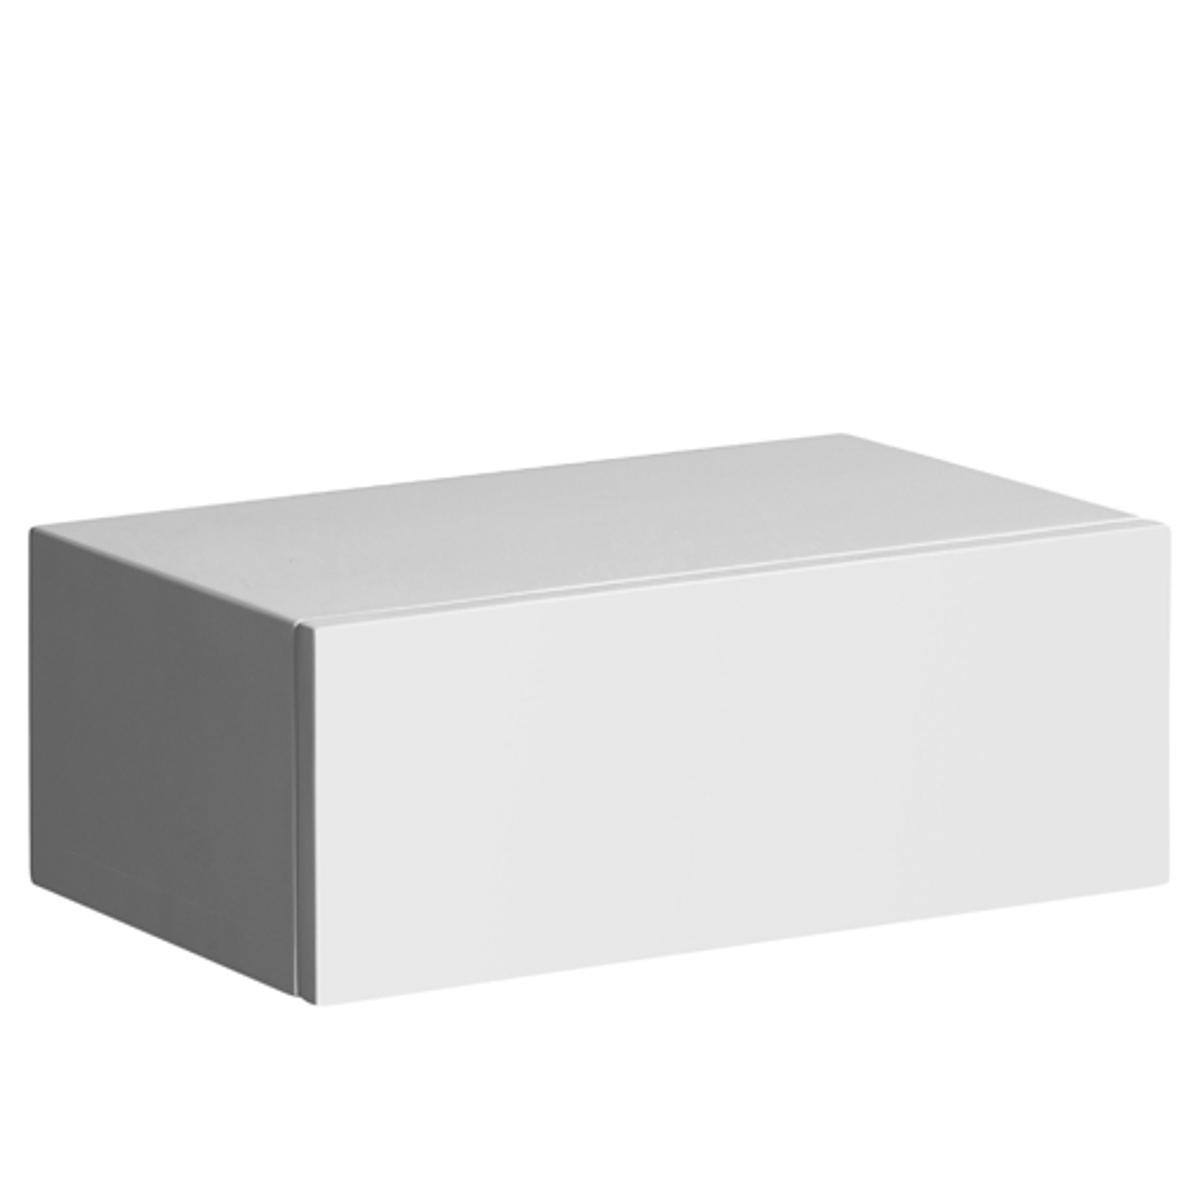 Тумба прикроватная - шкафчик Vesper, 3 отделкиЭту тумбу-шкафчик (или несколько тумб в ряд) можно повесить на стену.МДФ с лаковым покрытием- нитроцеллюлоза и полиуретан (модель под покраску из массива сосны). Размеры  : Шир..40 x Гл.25 x.15 см..<br><br>Цвет: белый,под покраску,черный<br>Размер: единый размер